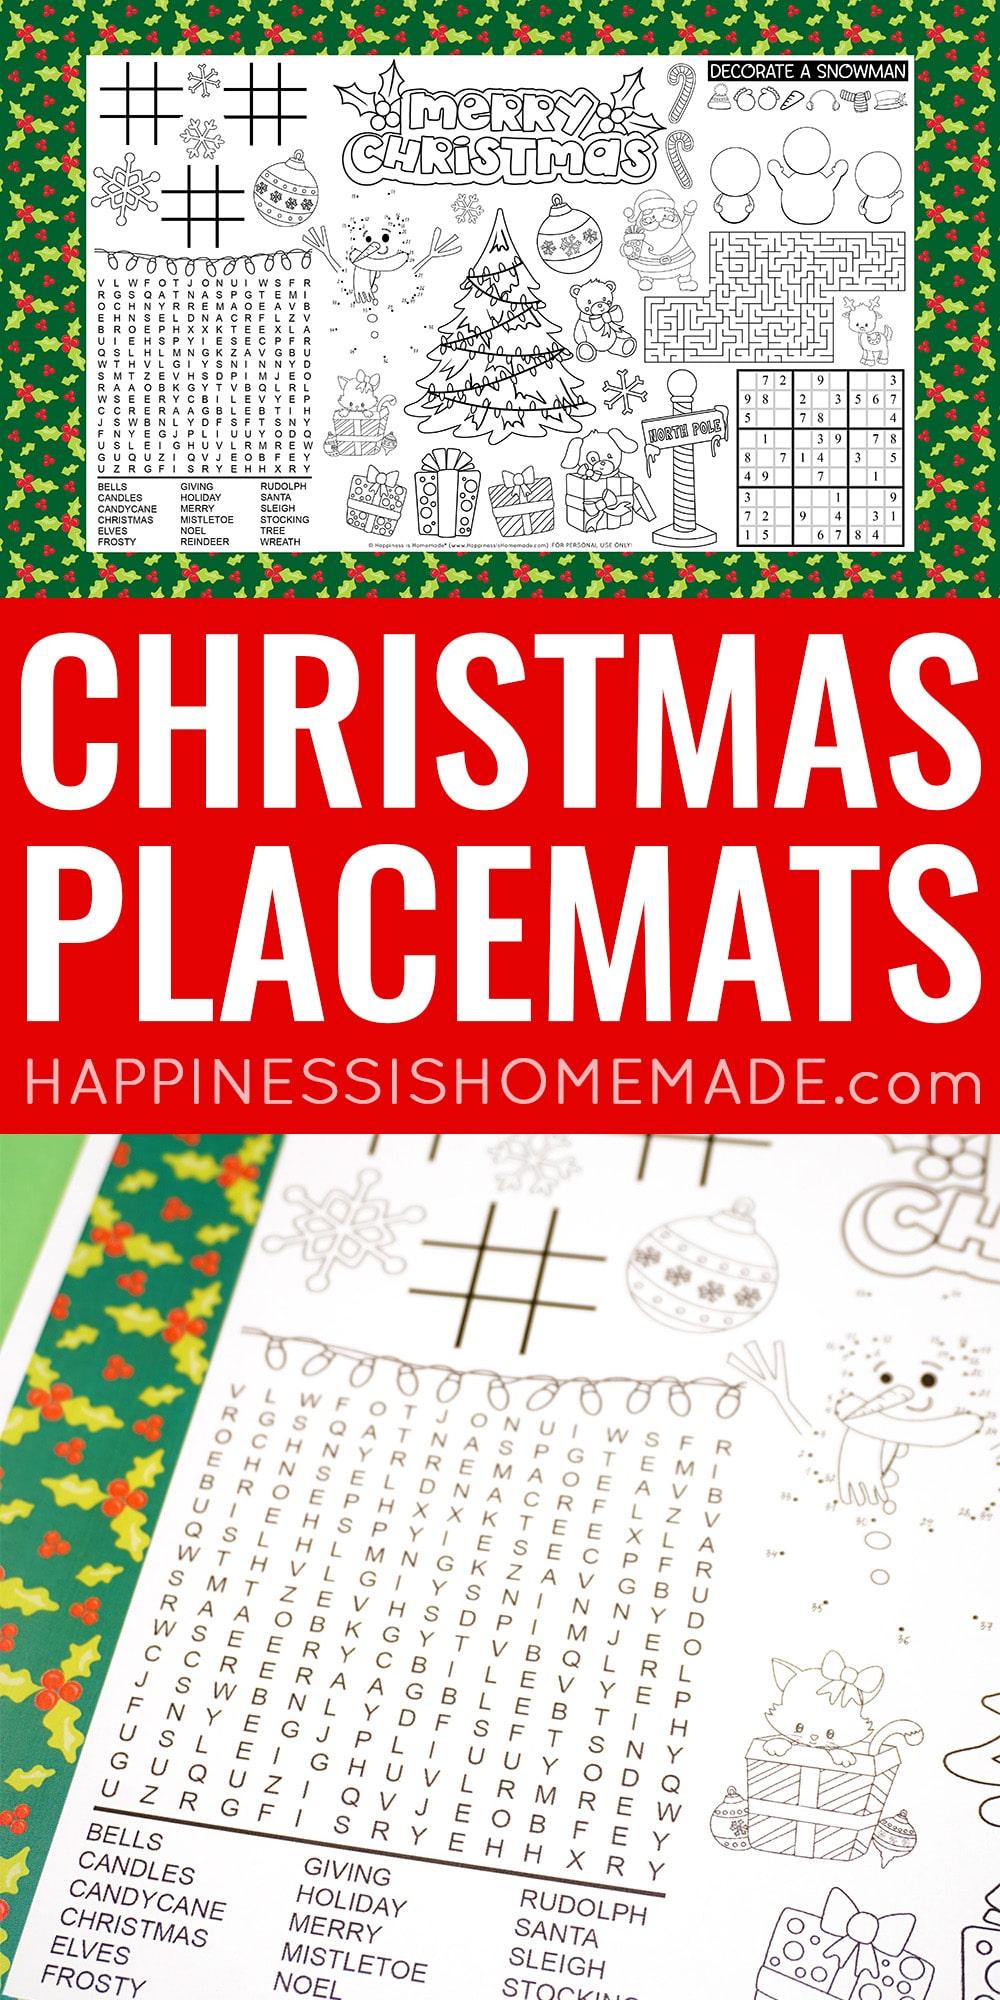 Printable Christmas Placemats for Kids